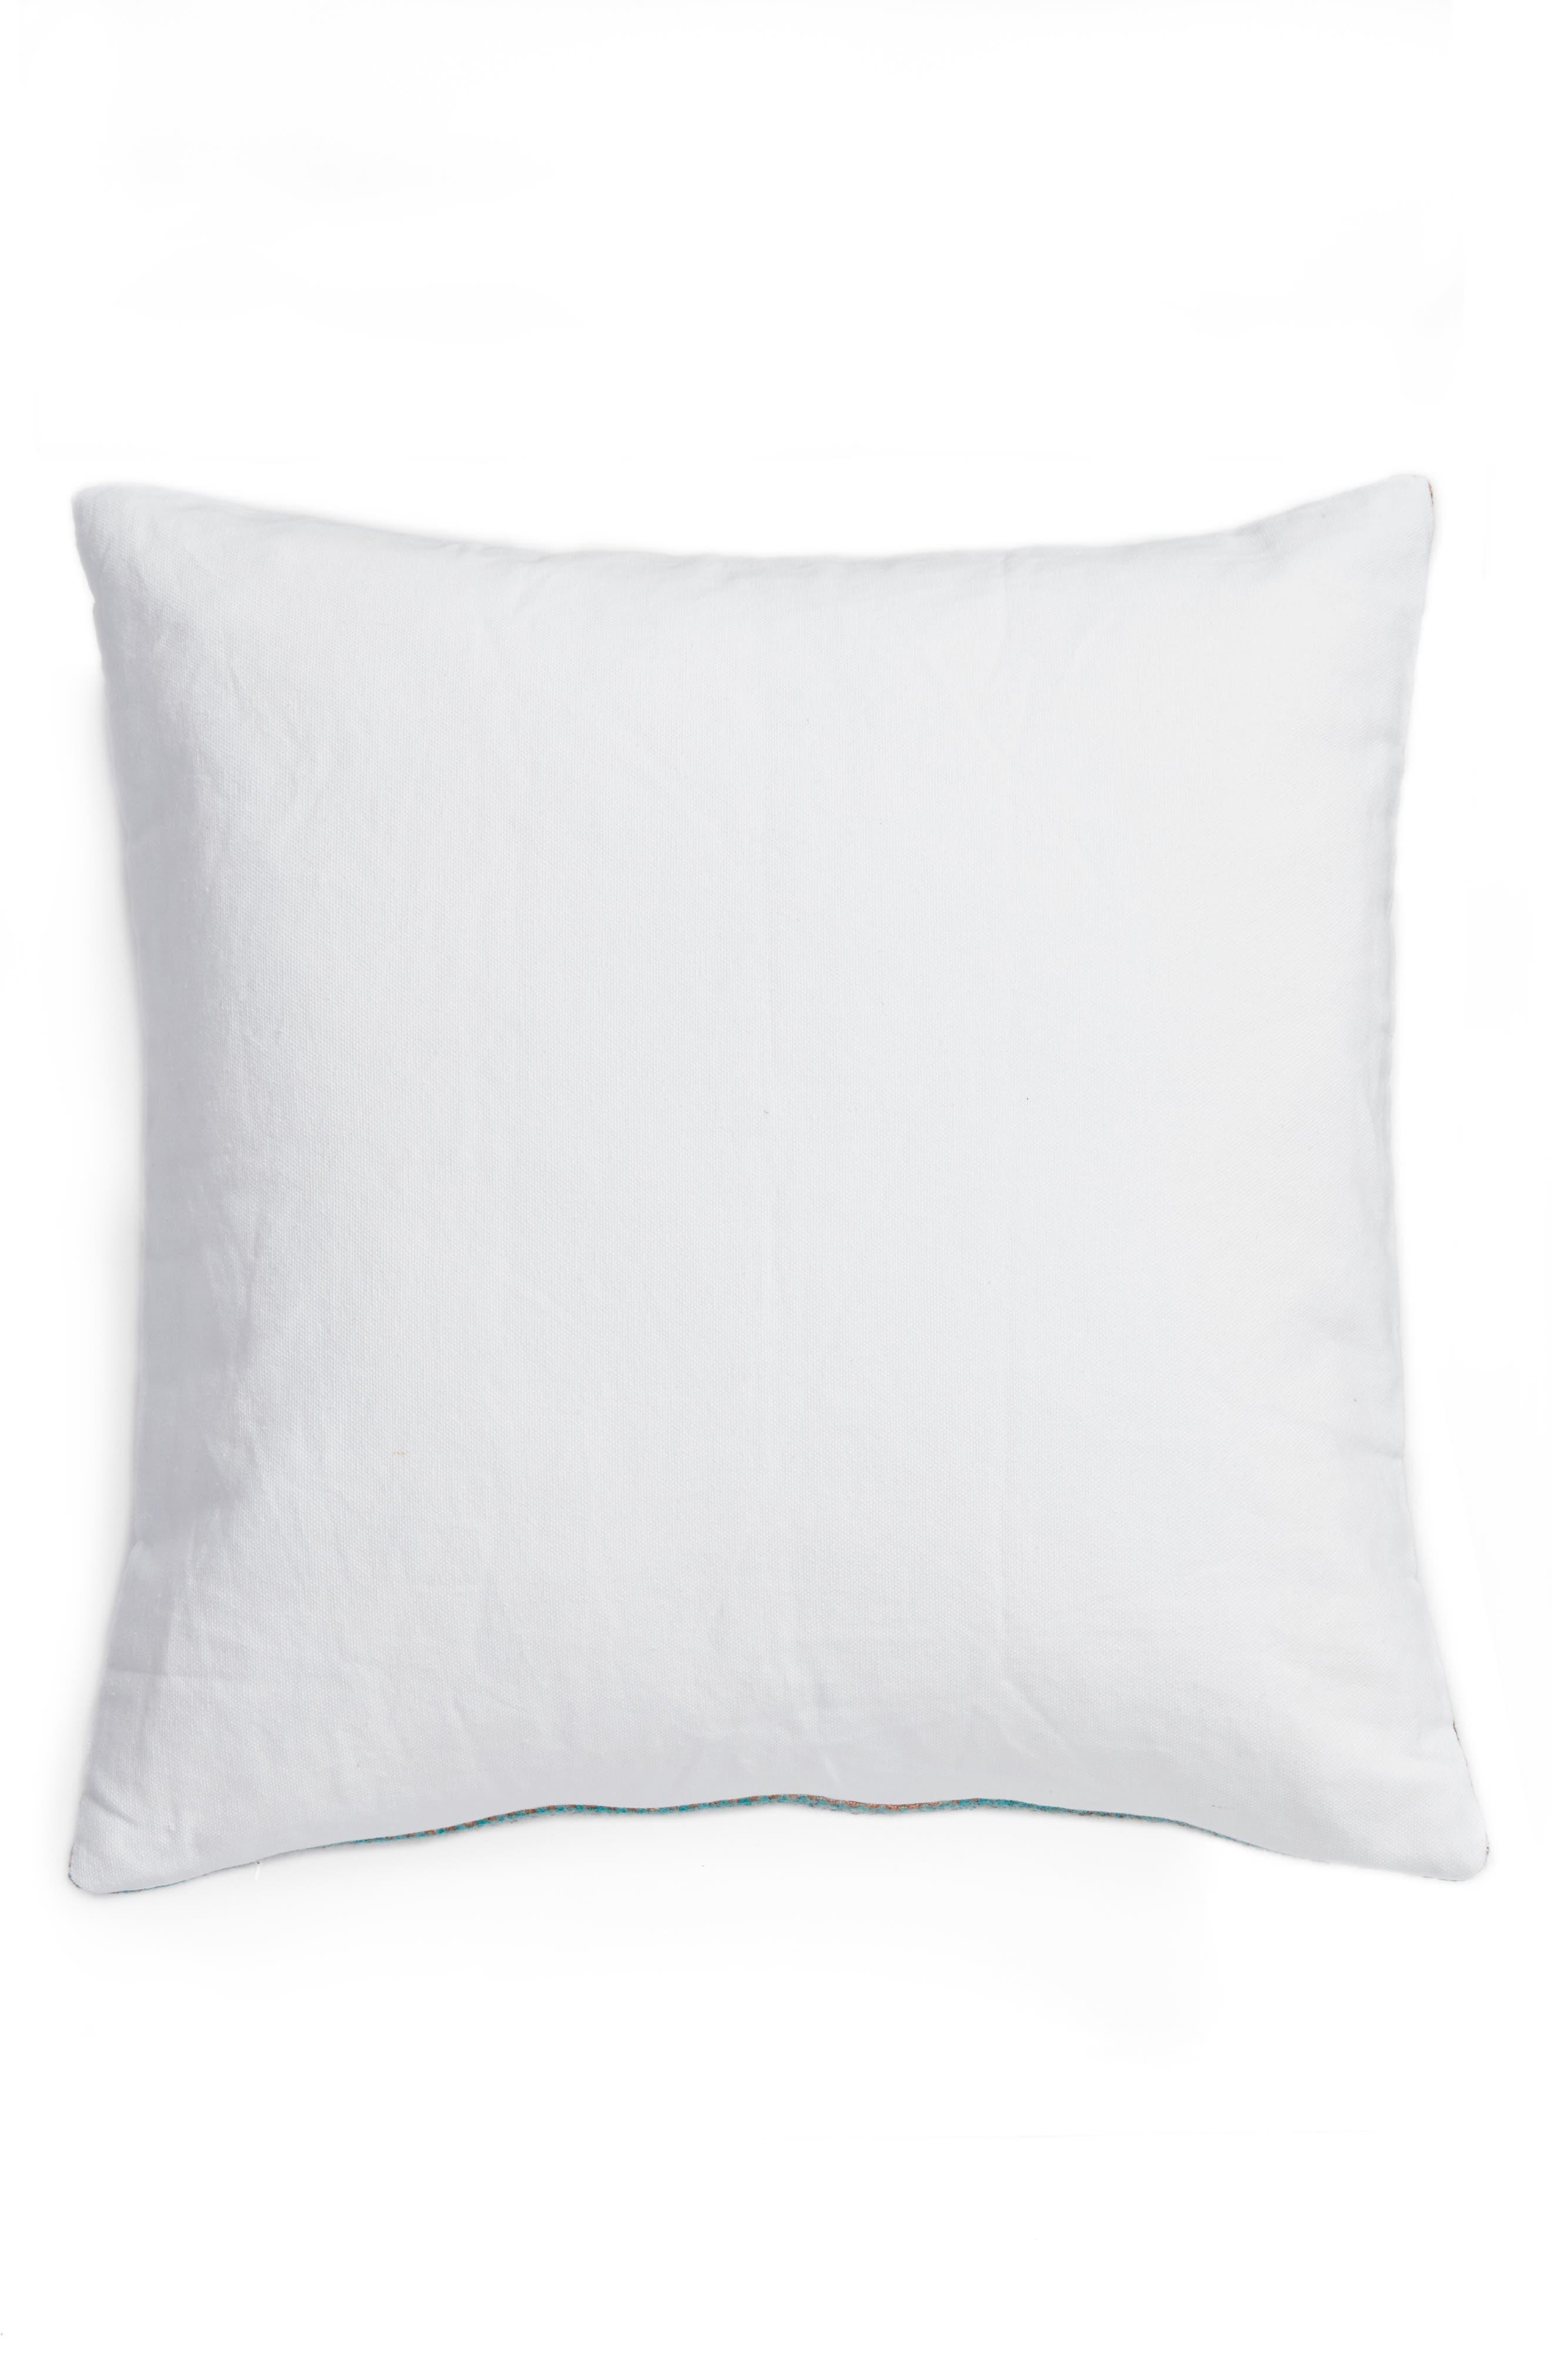 Aubrie Stripe Pillow,                             Alternate thumbnail 2, color,                             020